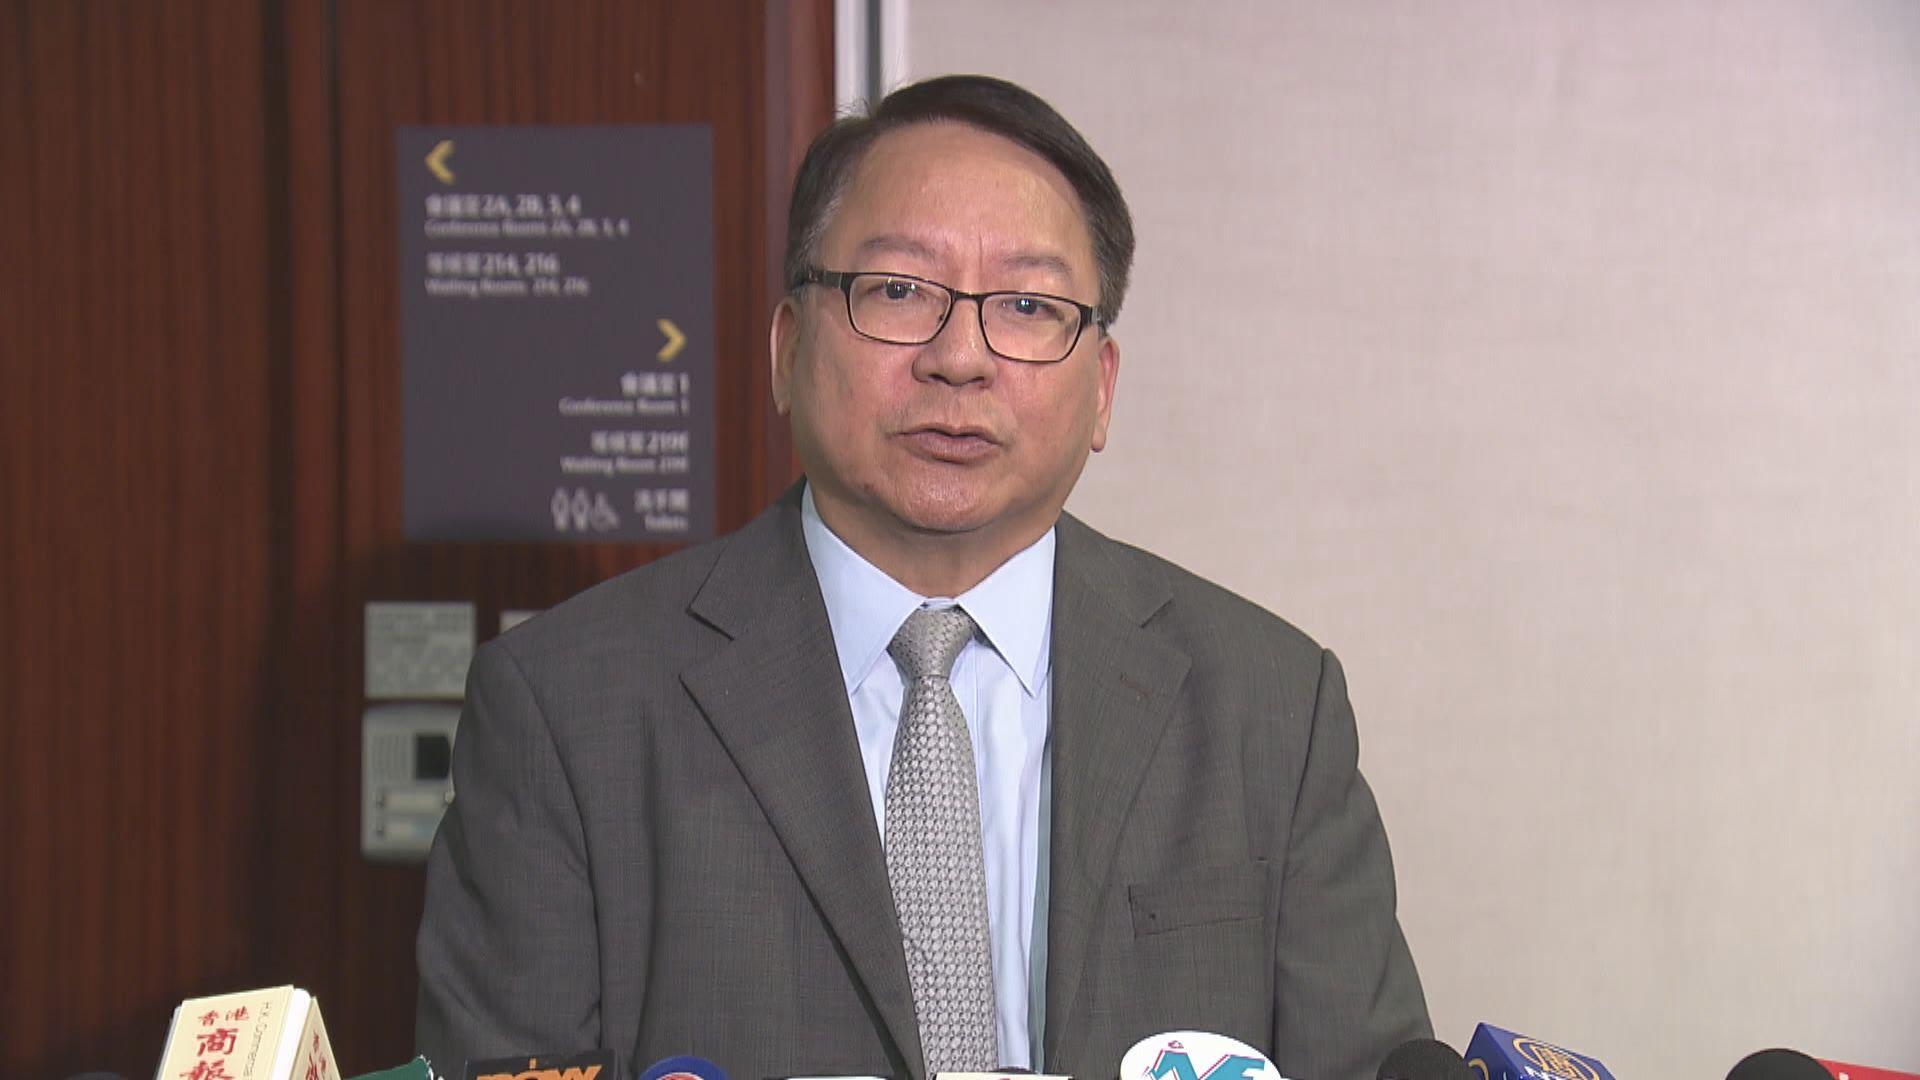 陳國基任香港國安委秘書長 區嘉宏任入境事務處處長